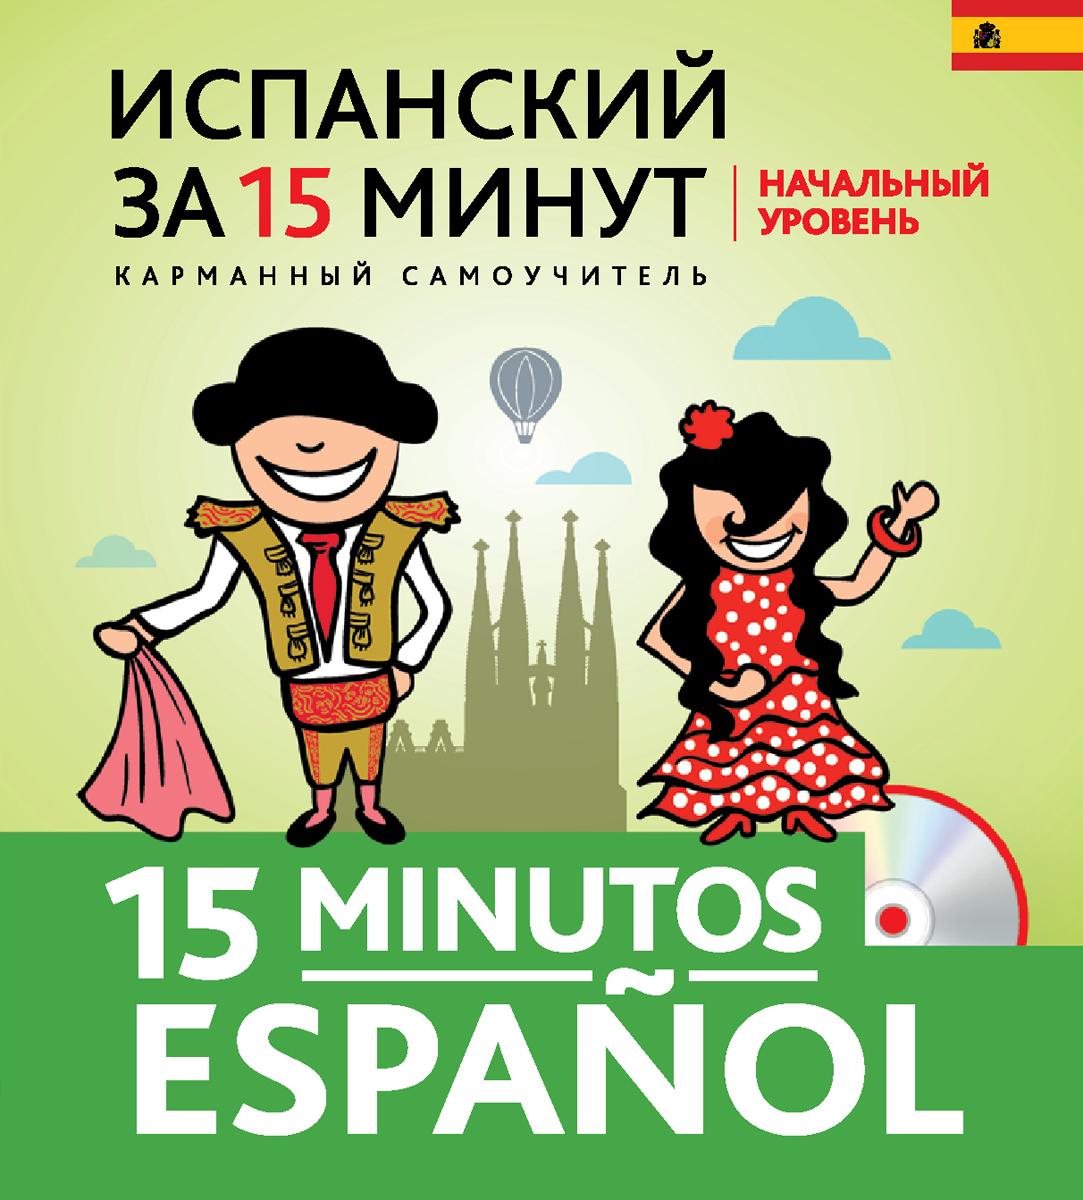 Испанский за 15 минут. Начальный уровень (+ CD)